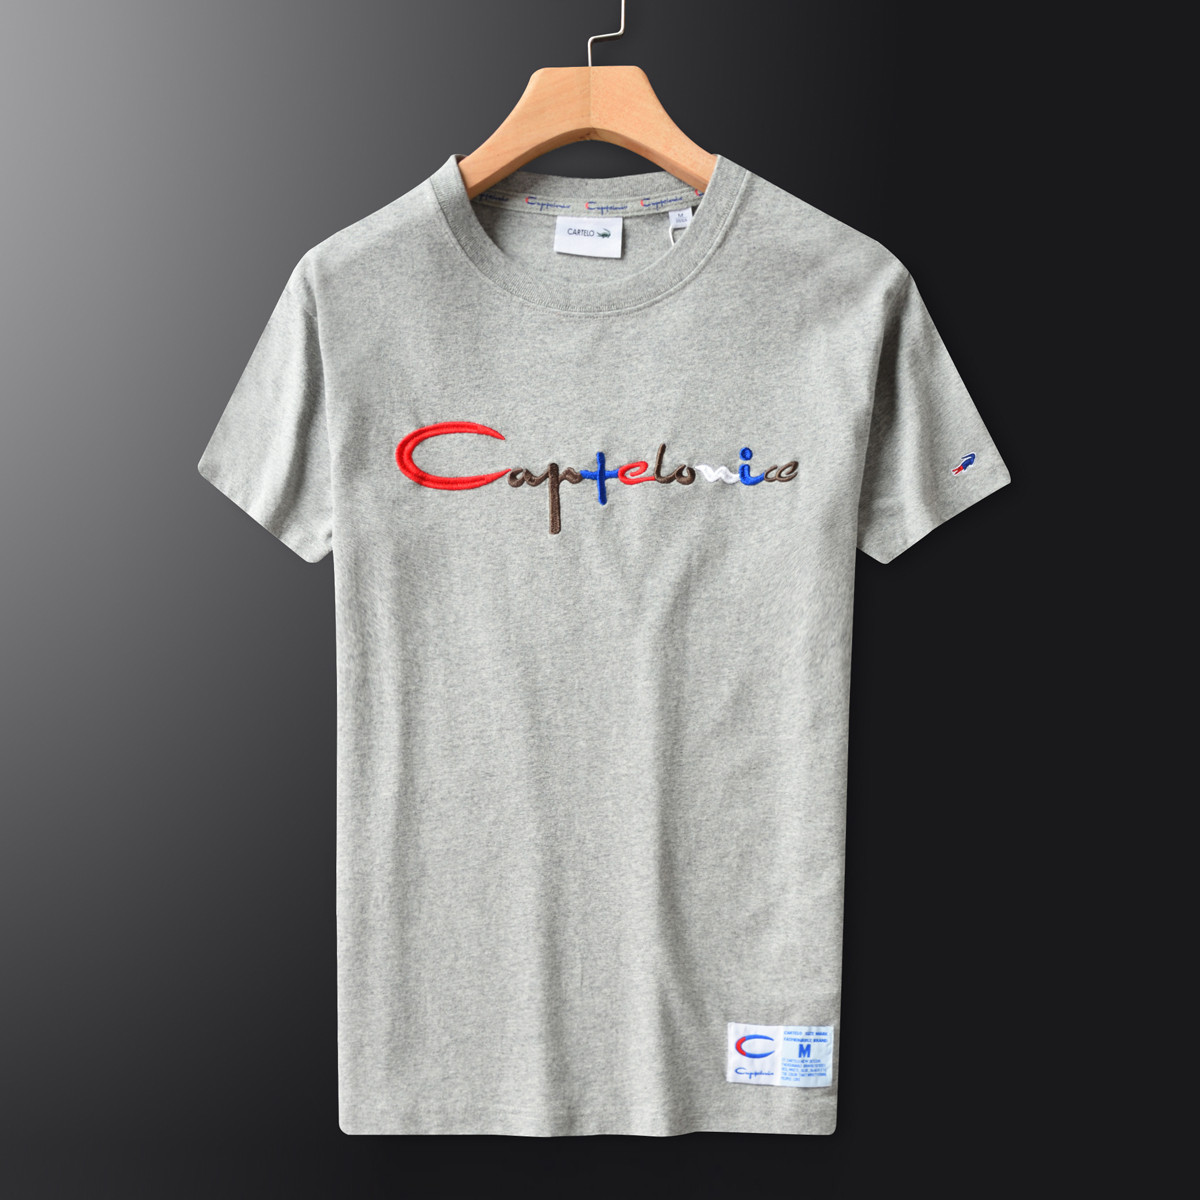 【商场同款】卡帝乐鳄鱼男士休闲夏季圆领短袖T恤-CA871532